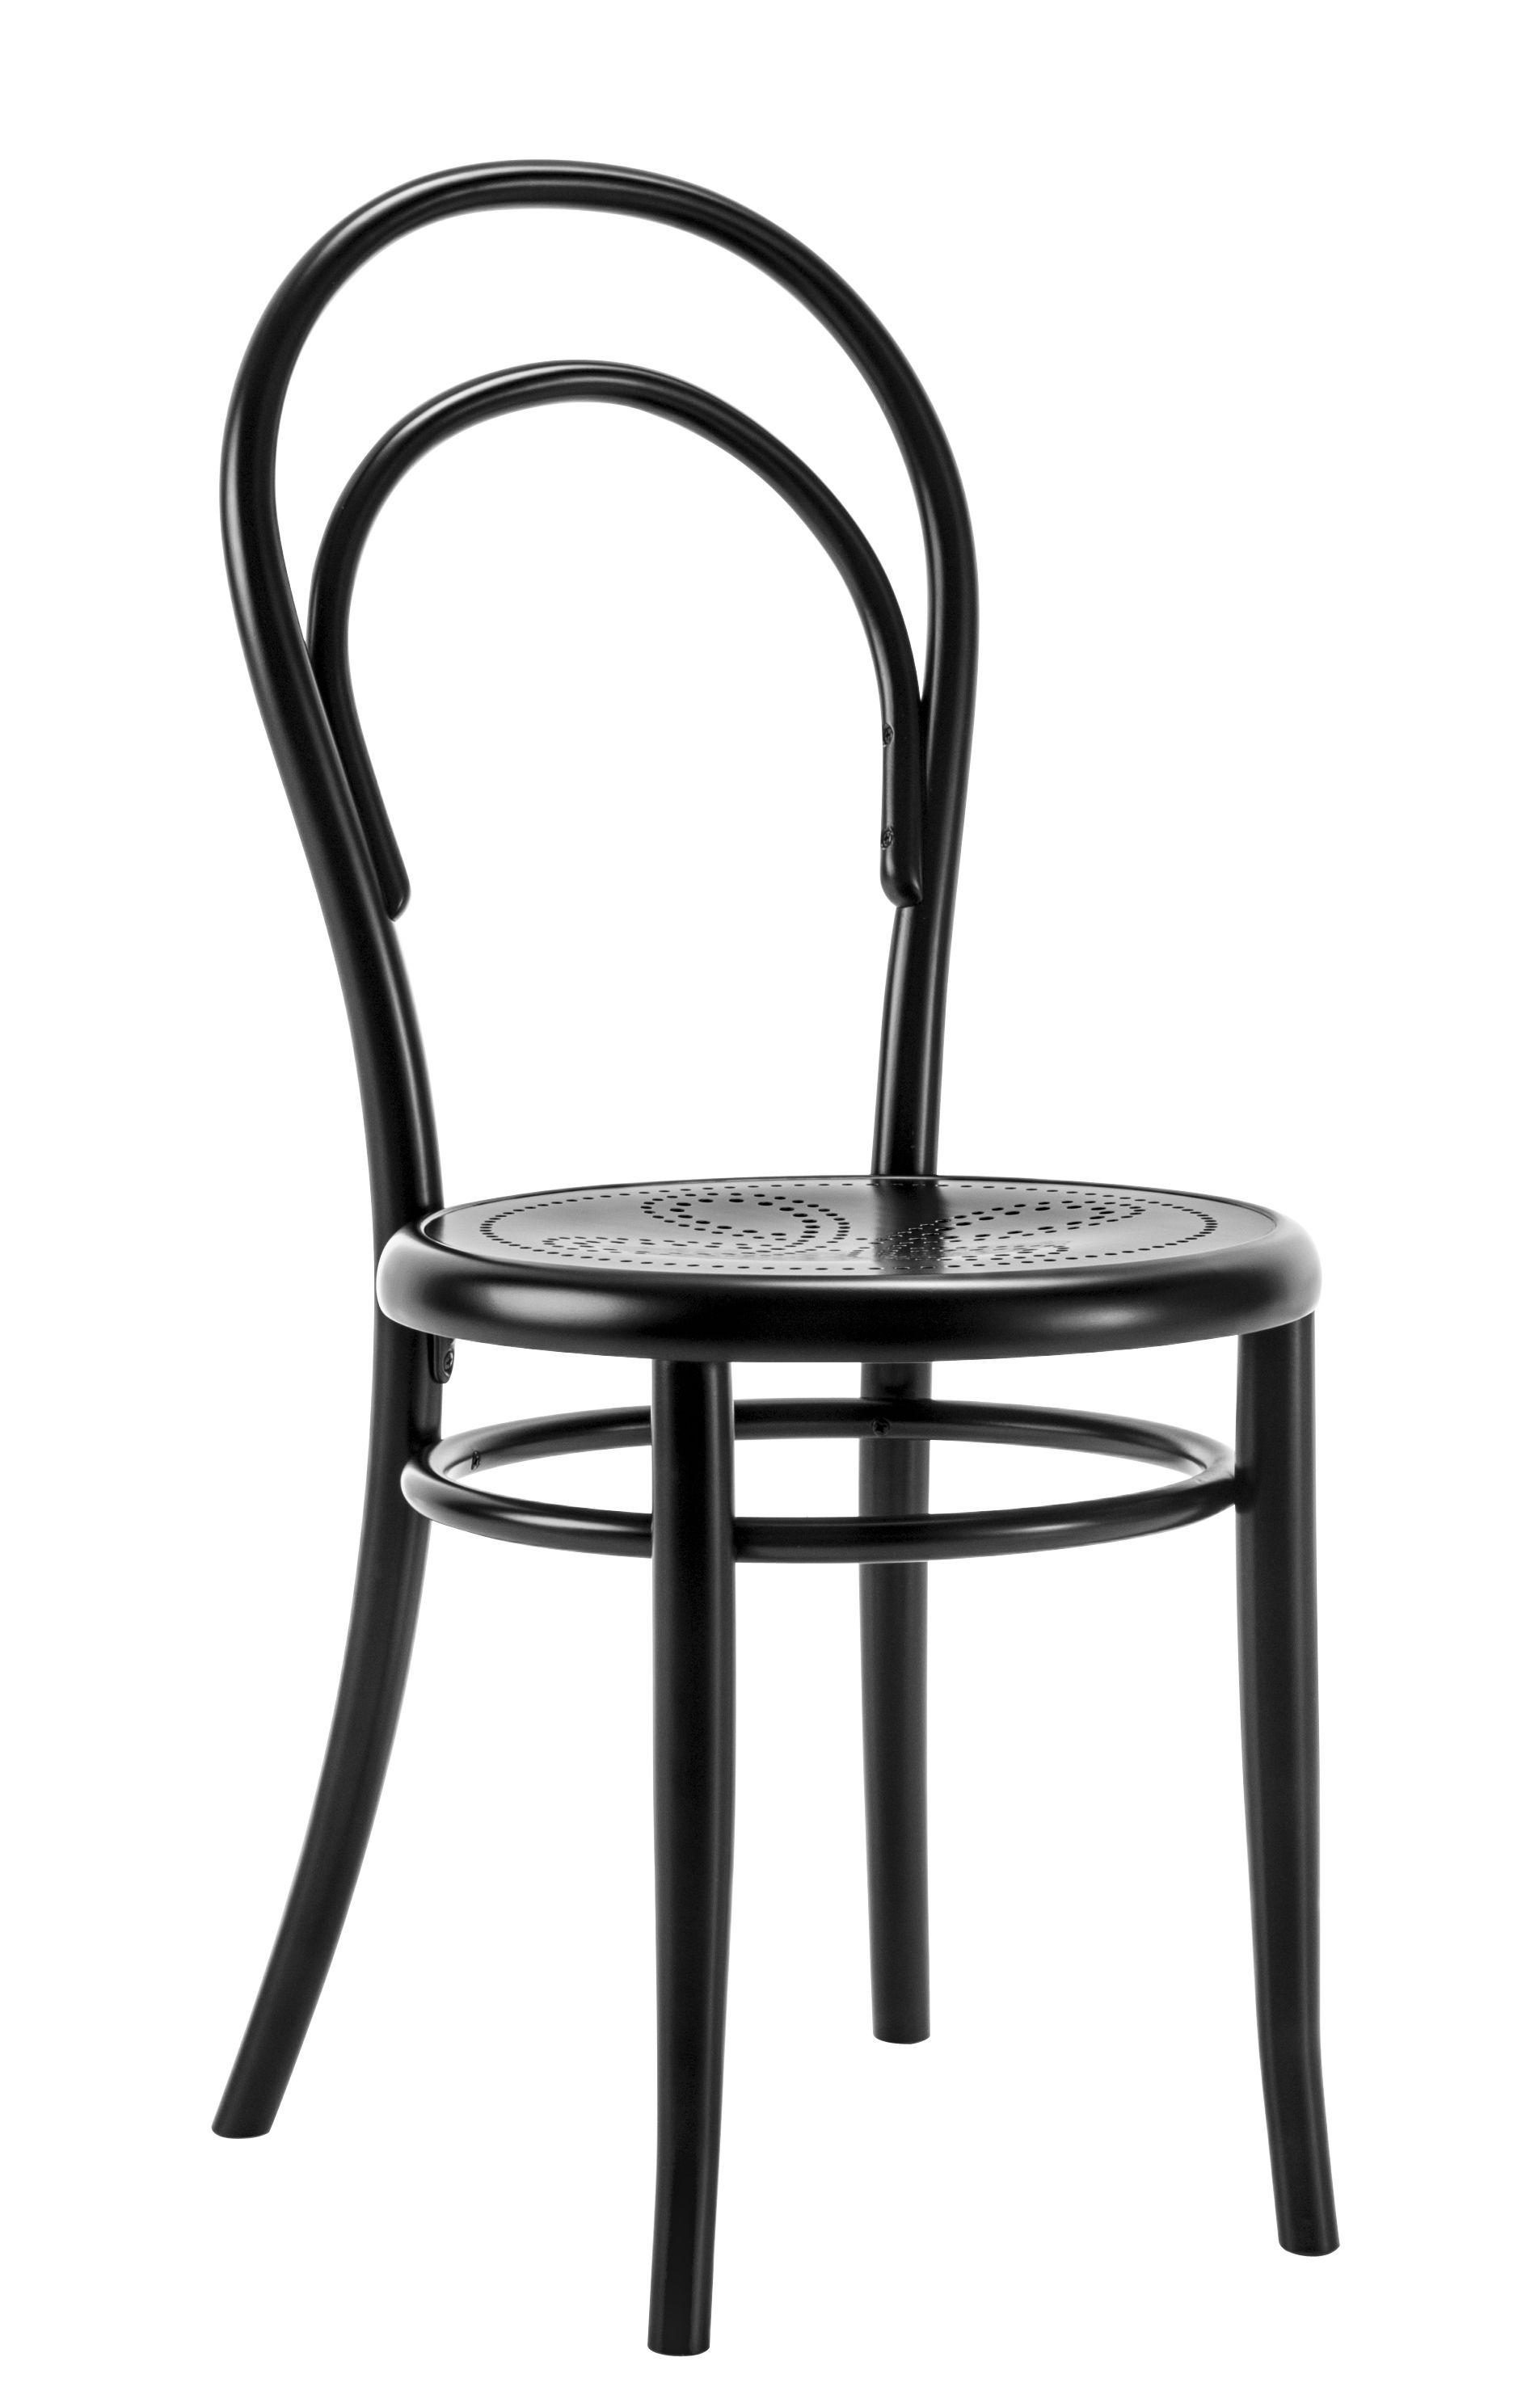 Möbel - Stühle  - N° 14 Stuhl / gelöcherte Sitzfläche - Neuauflage des Originals aus dem Jahr 1860 - Wiener GTV Design - Sitzfläche mit Löchern / schwarz - Gewölbte Buche, Perforiertes Buchensperrholz